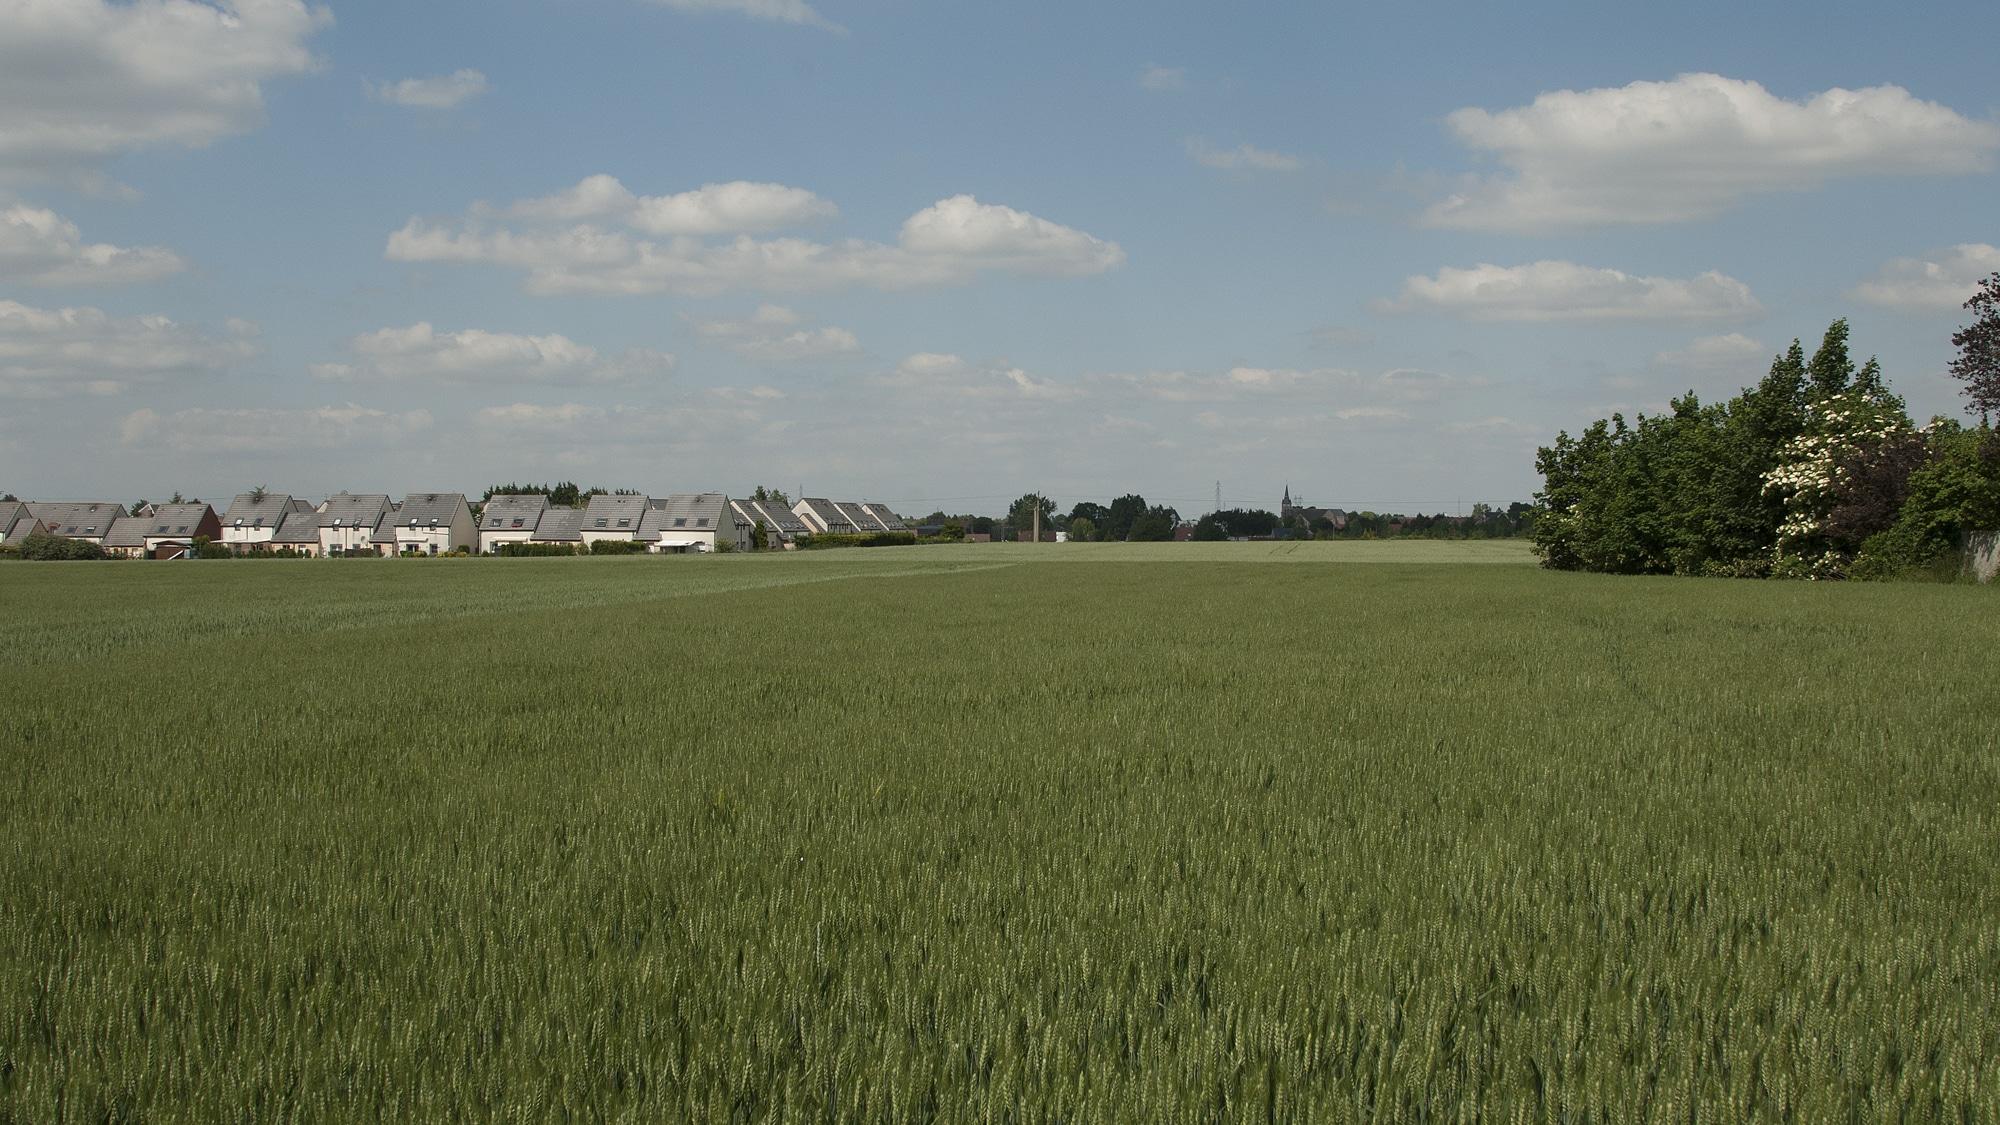 Terrains à bâtir à Vermelles : Territoires 62 vous propose des terrains à bâtir à vendre à Vermelles, viabilisés et libres de constructeur